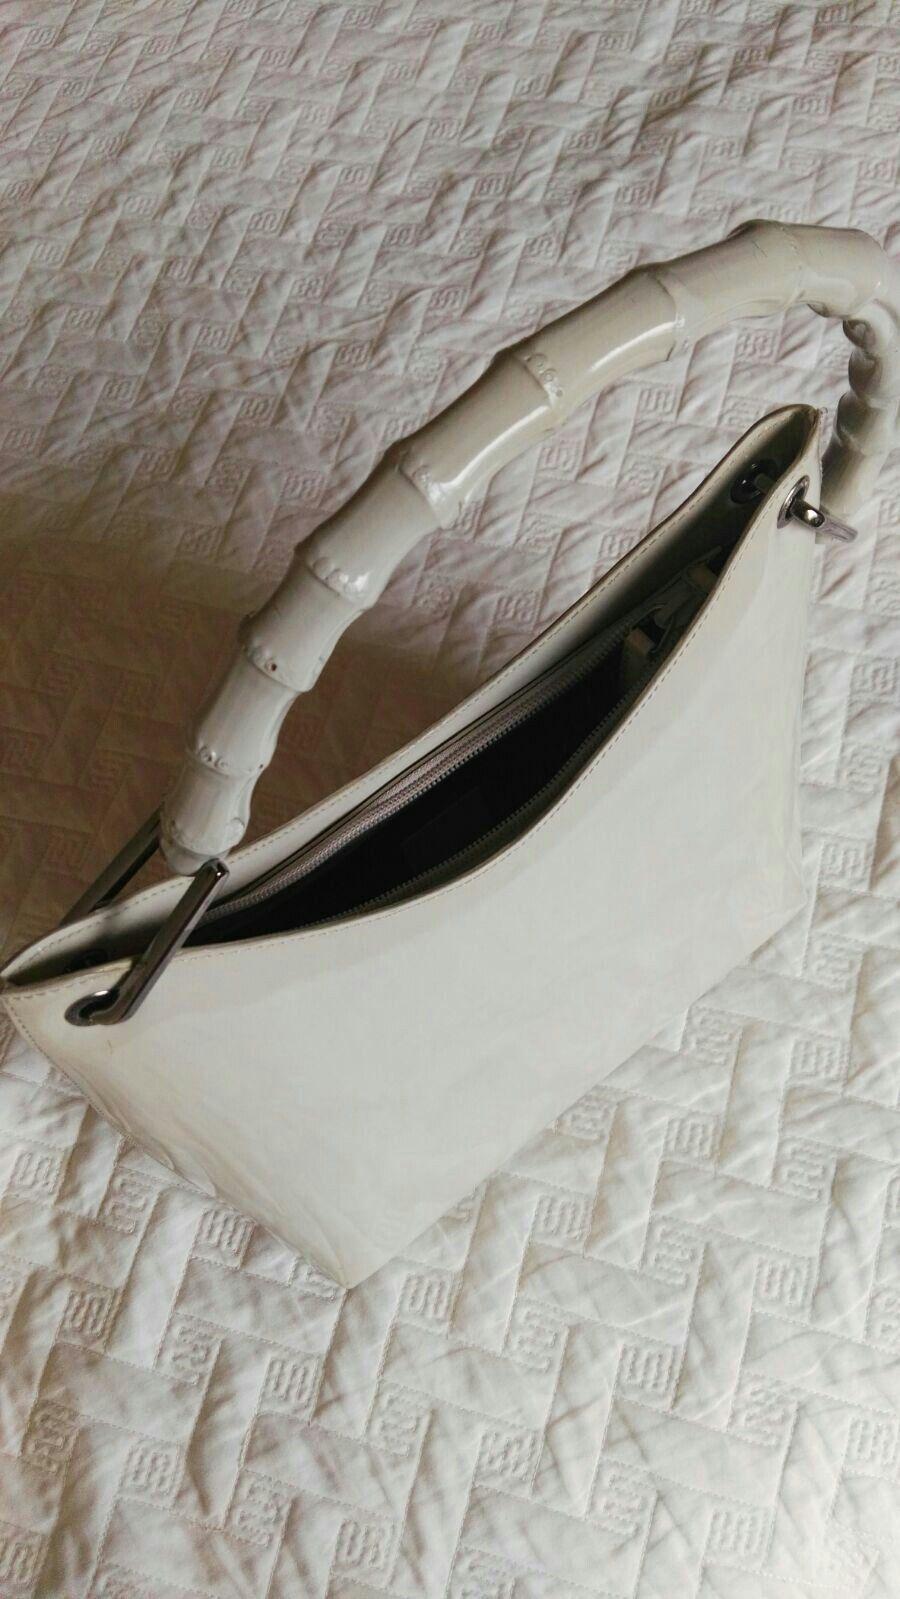 ee180710d9 Bellissima borsa usata, autentica Gucci, in pelle colore nocciola chiaro,  manico in bamboo